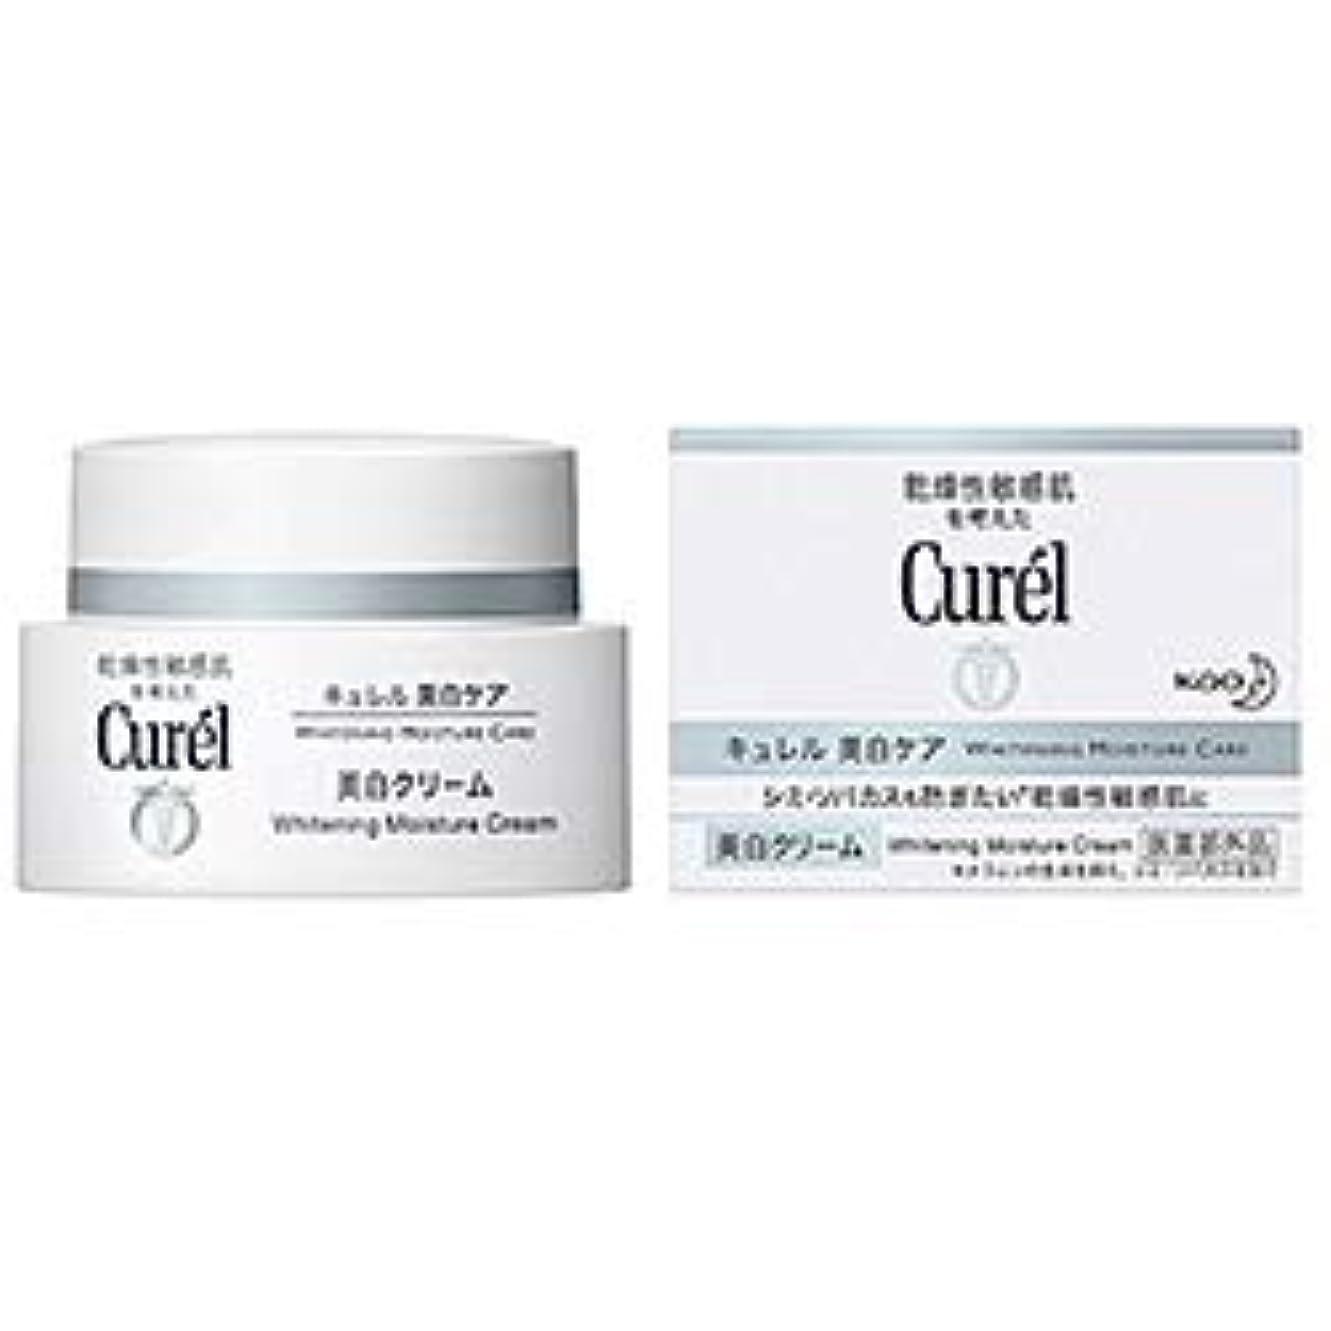 【花王】キュレル 美白クリーム (40g) ×5個セット